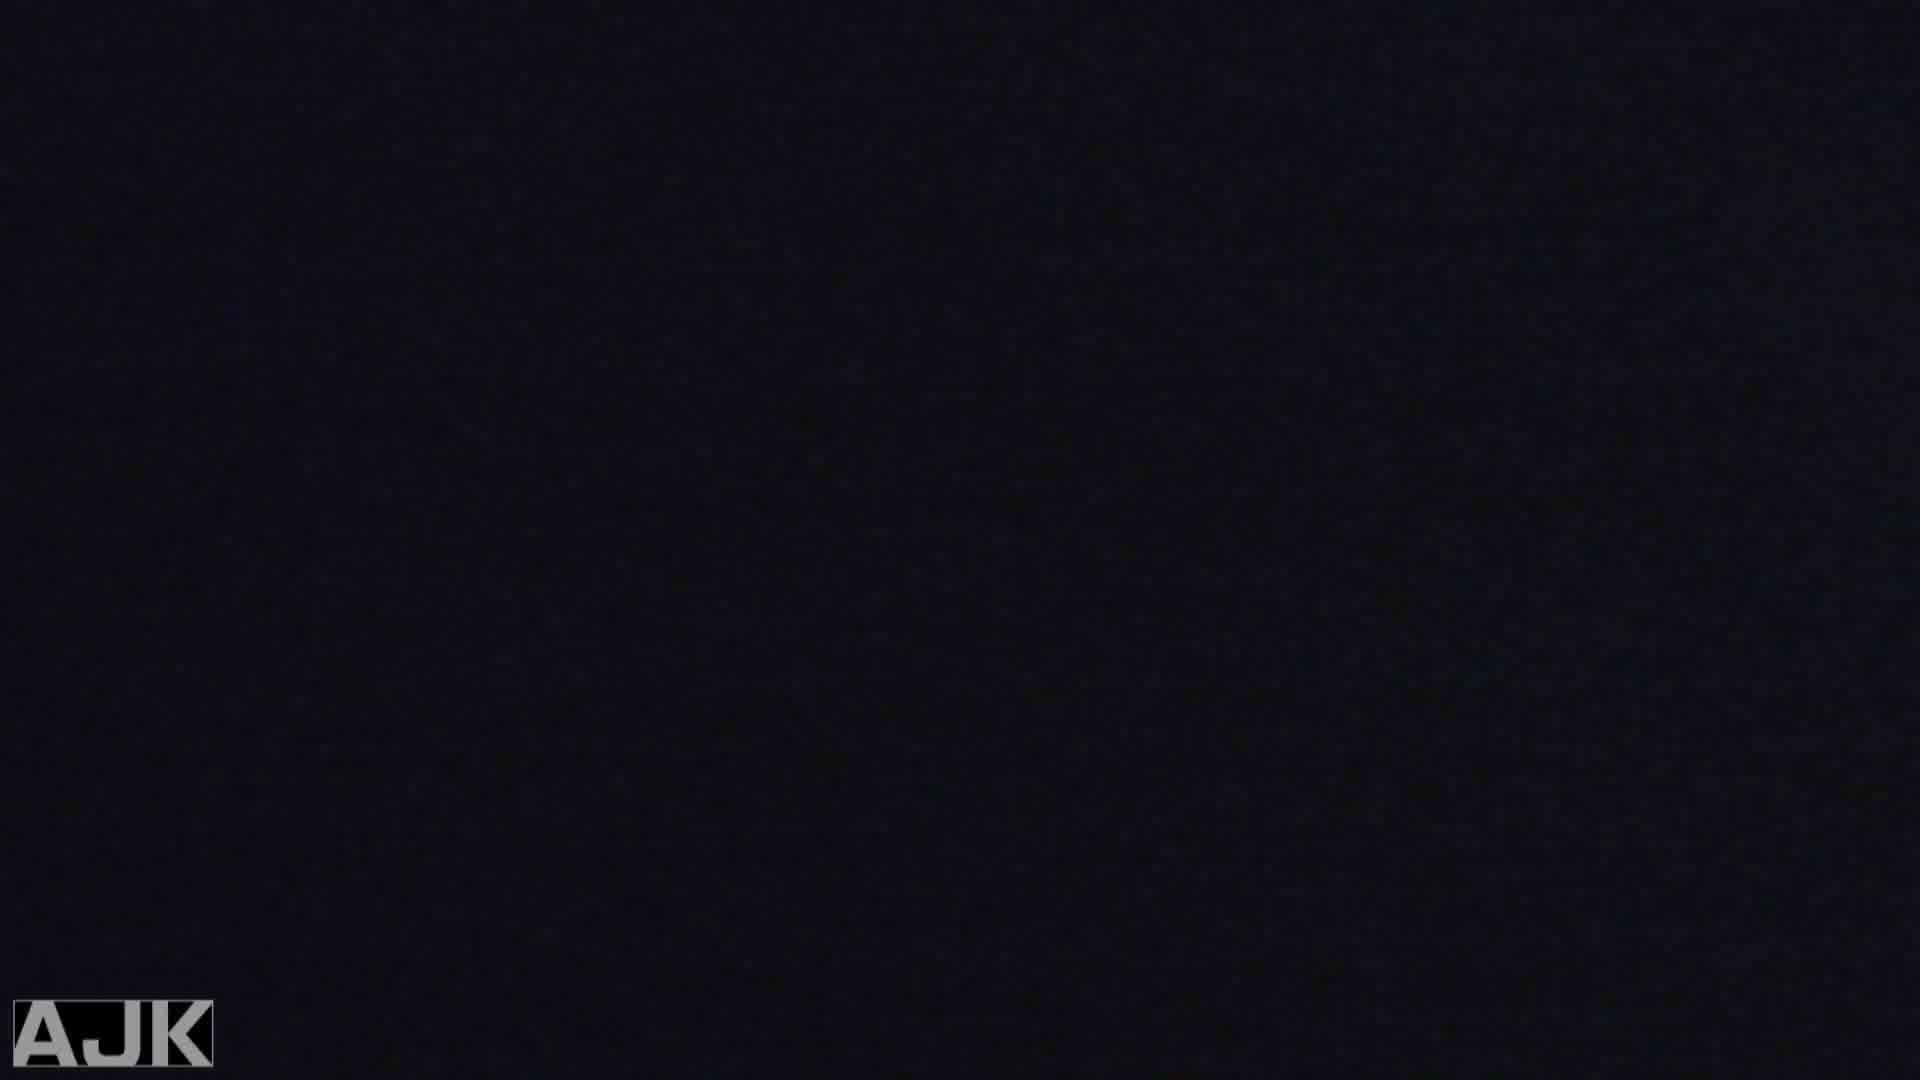 神降臨!史上最強の潜入かわや! vol.15 オマンコもろ AV無料動画キャプチャ 89PIX 34